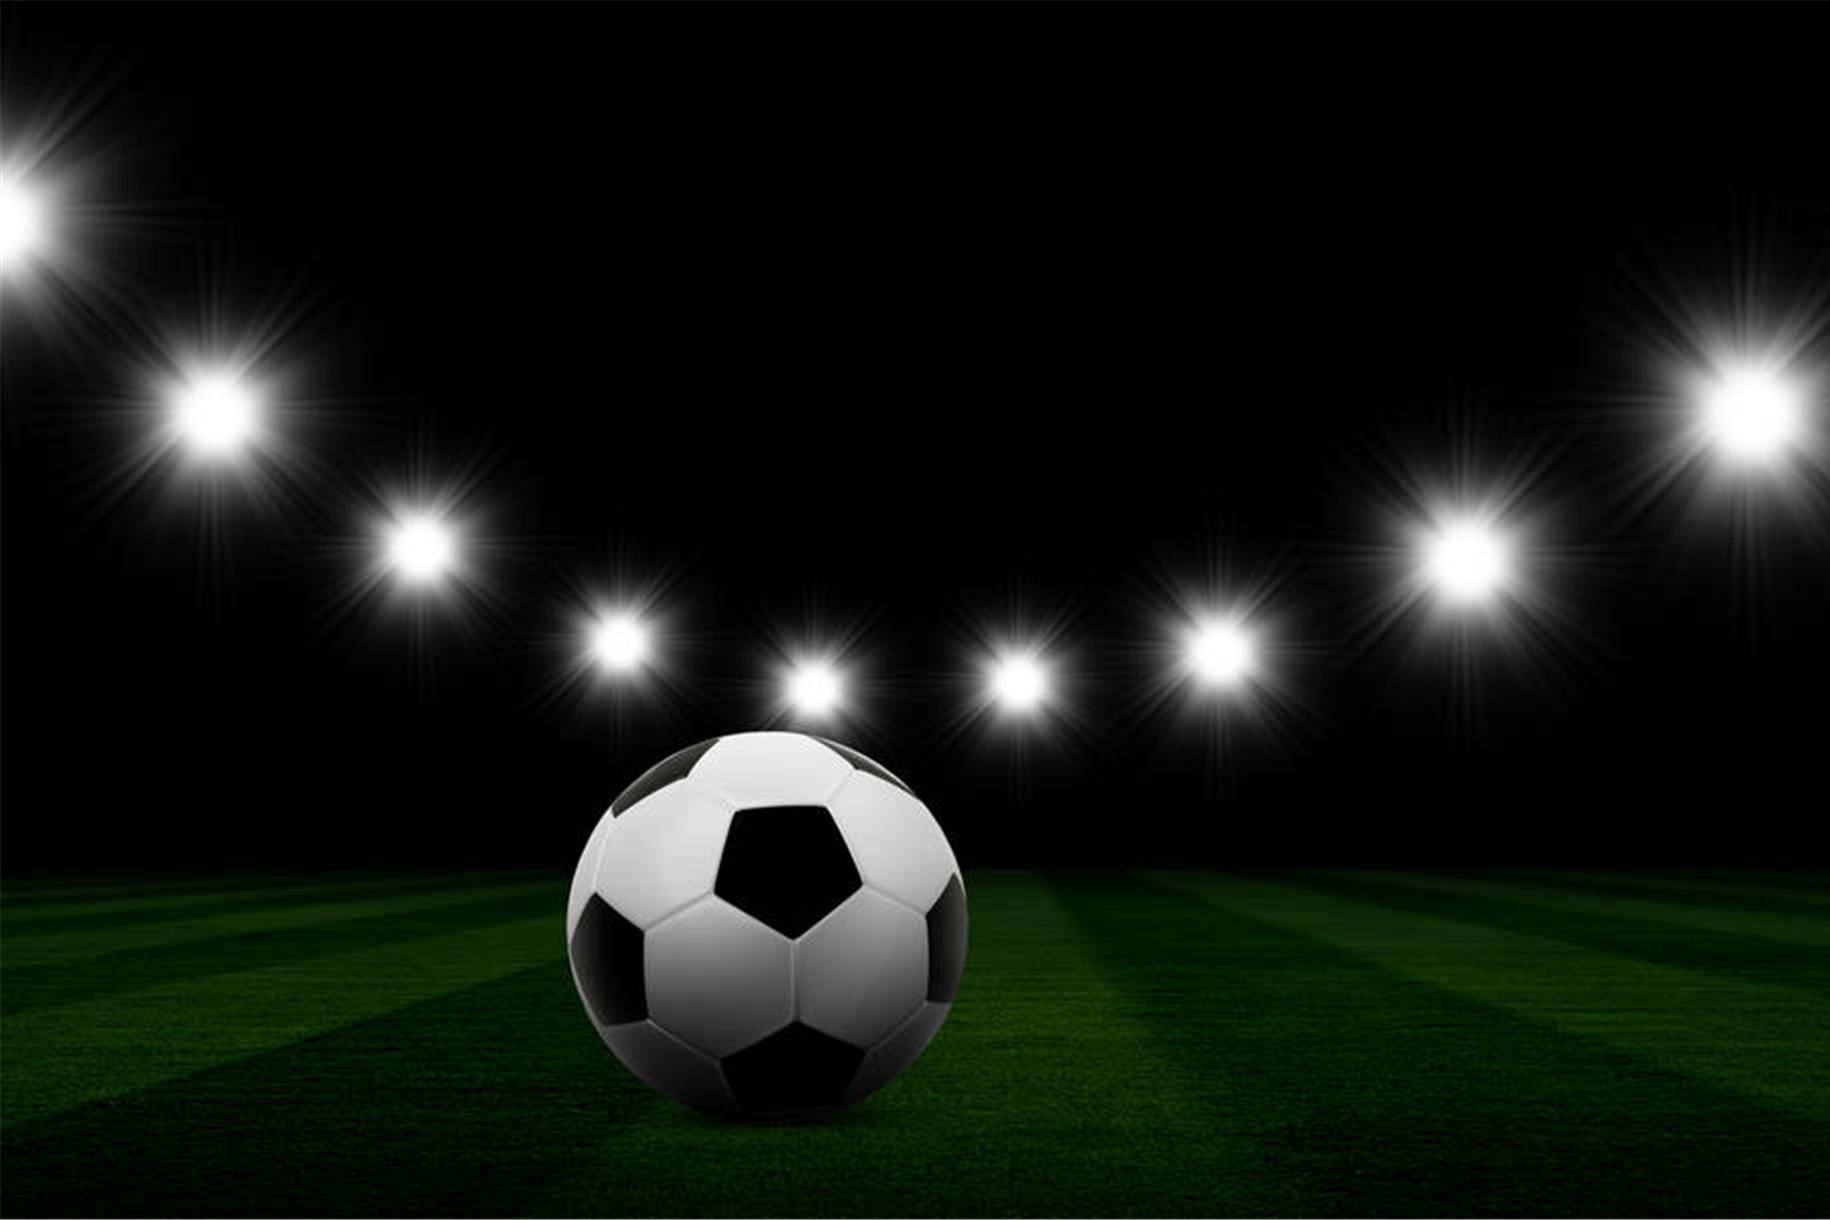 世界杯欧预赛D组第3轮前瞻:波黑VS法国,德尚能带队全身而退吗?